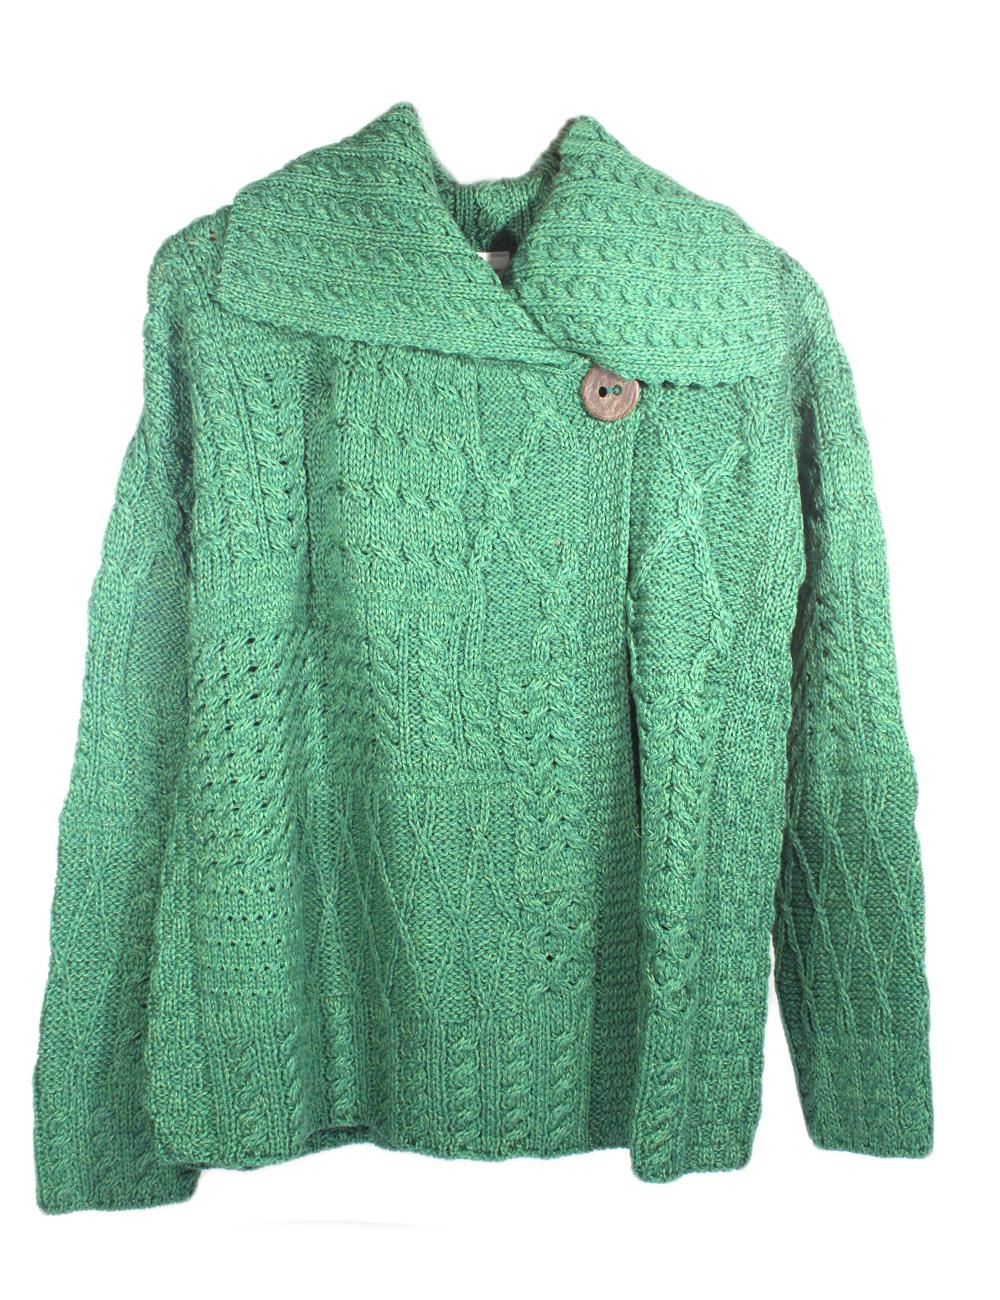 New Aran Cardigan Sweater Merino Wool Womens Irish Made Carraig ...